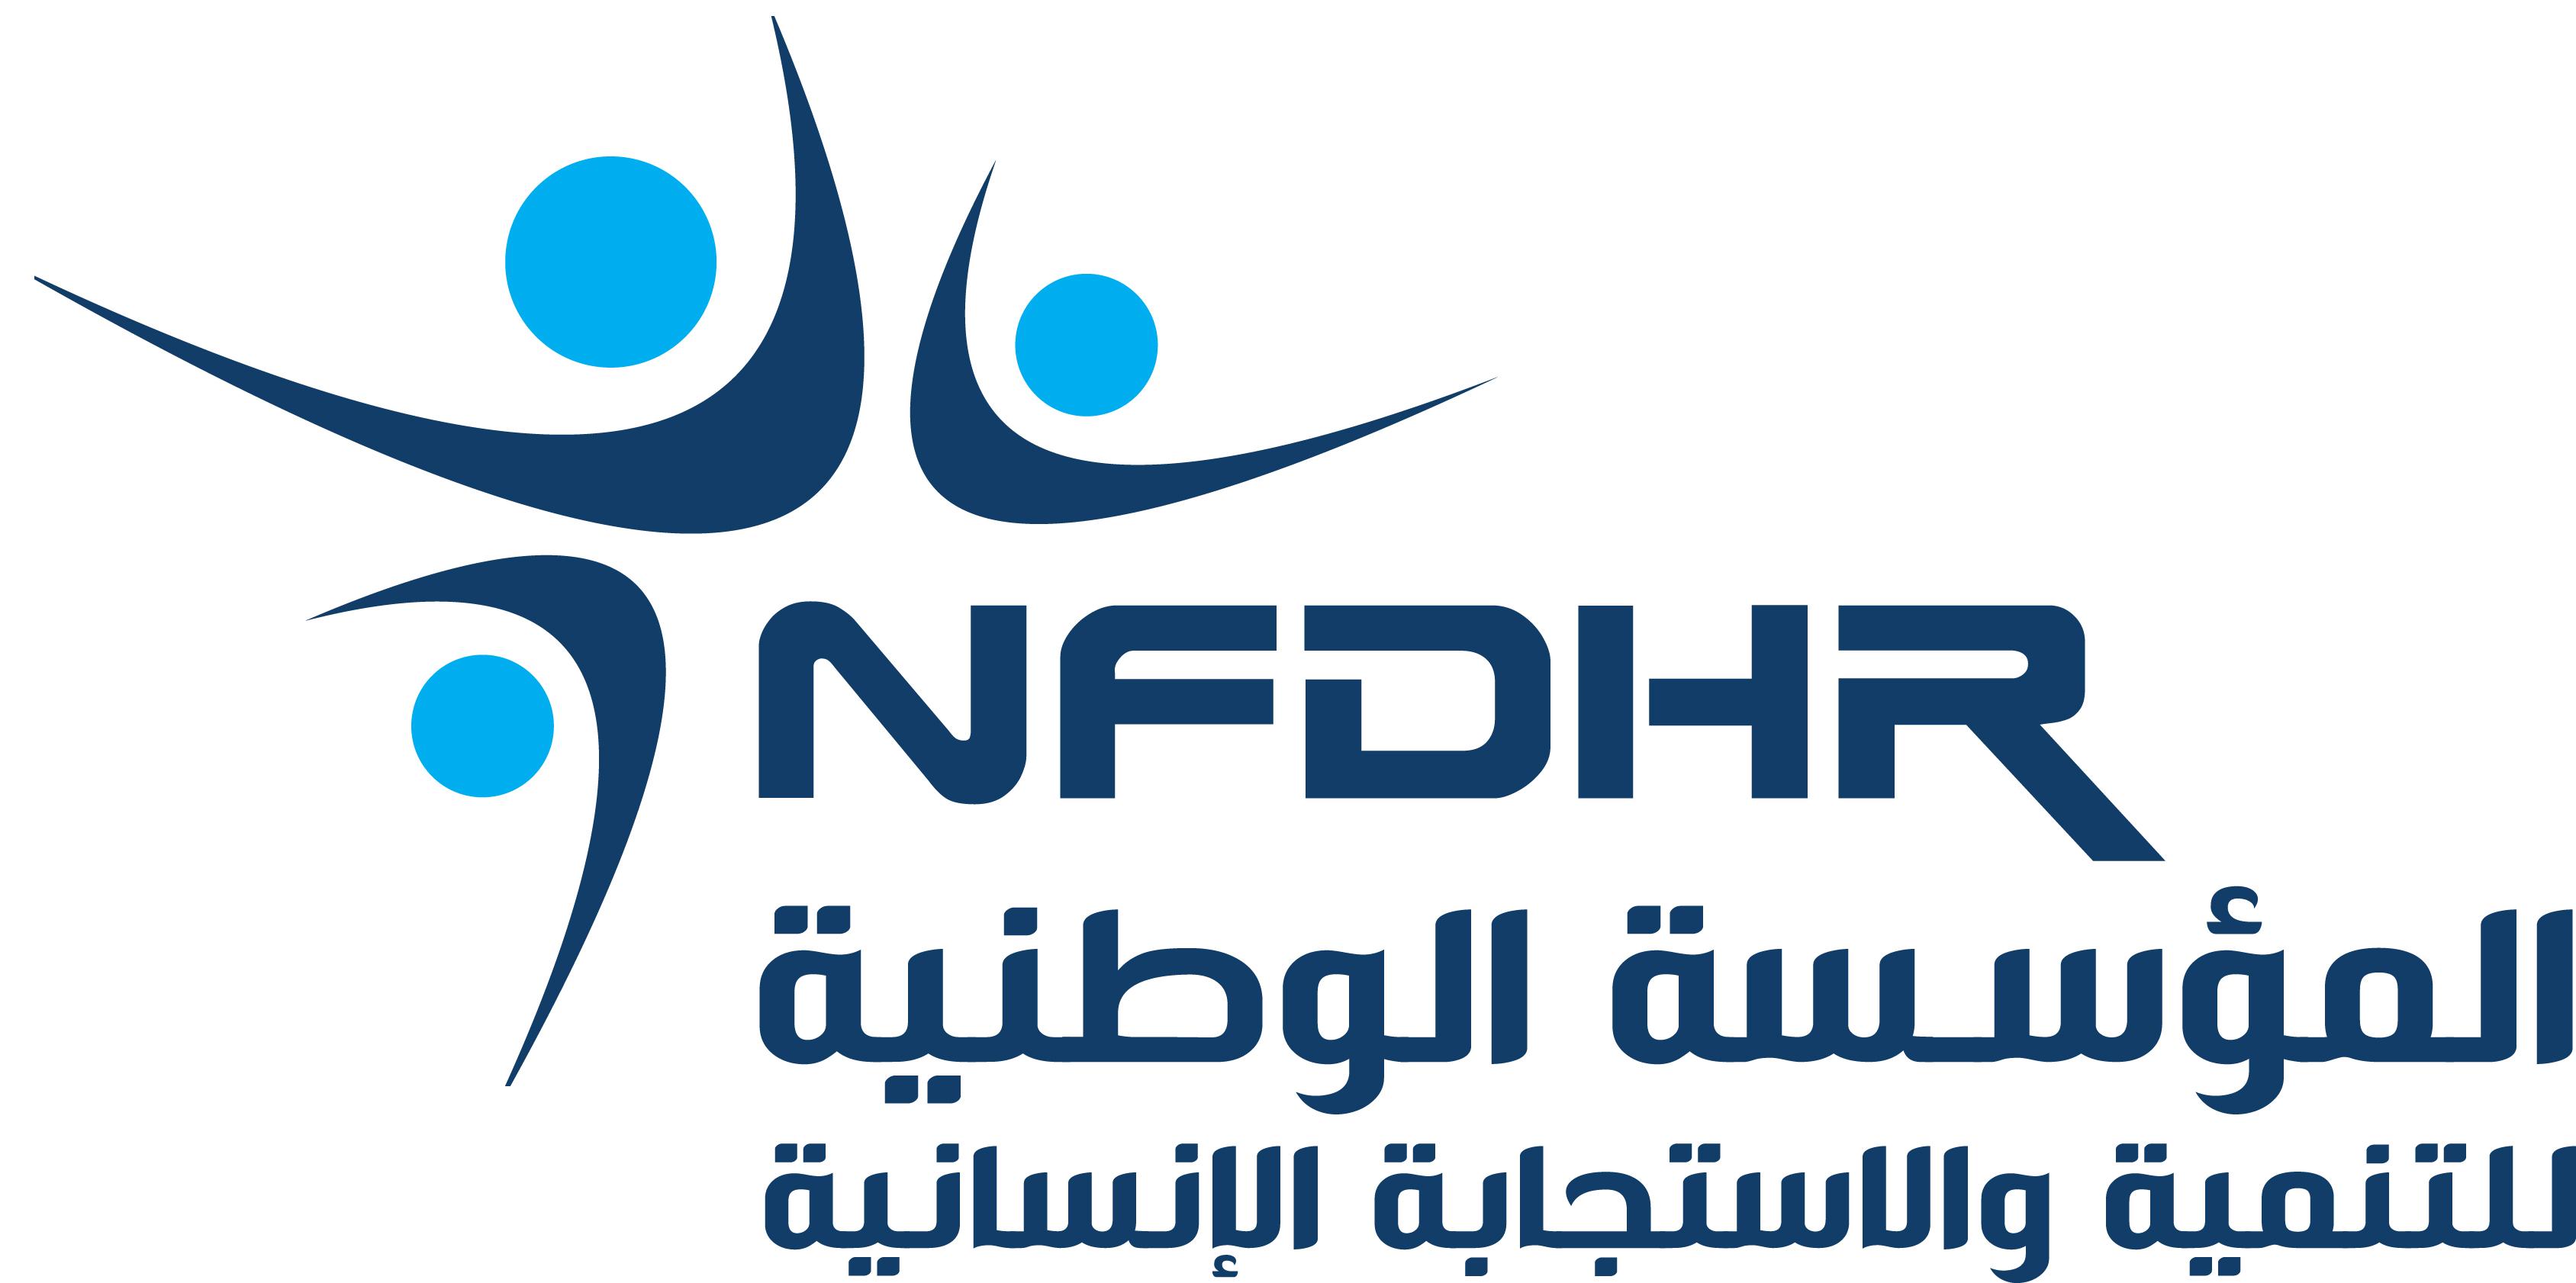 مشروع الاستجابة الطارئة في الصحة والتغذية للنازحين والمجتمعات المضيفة في محافظتي حجة والحديدة